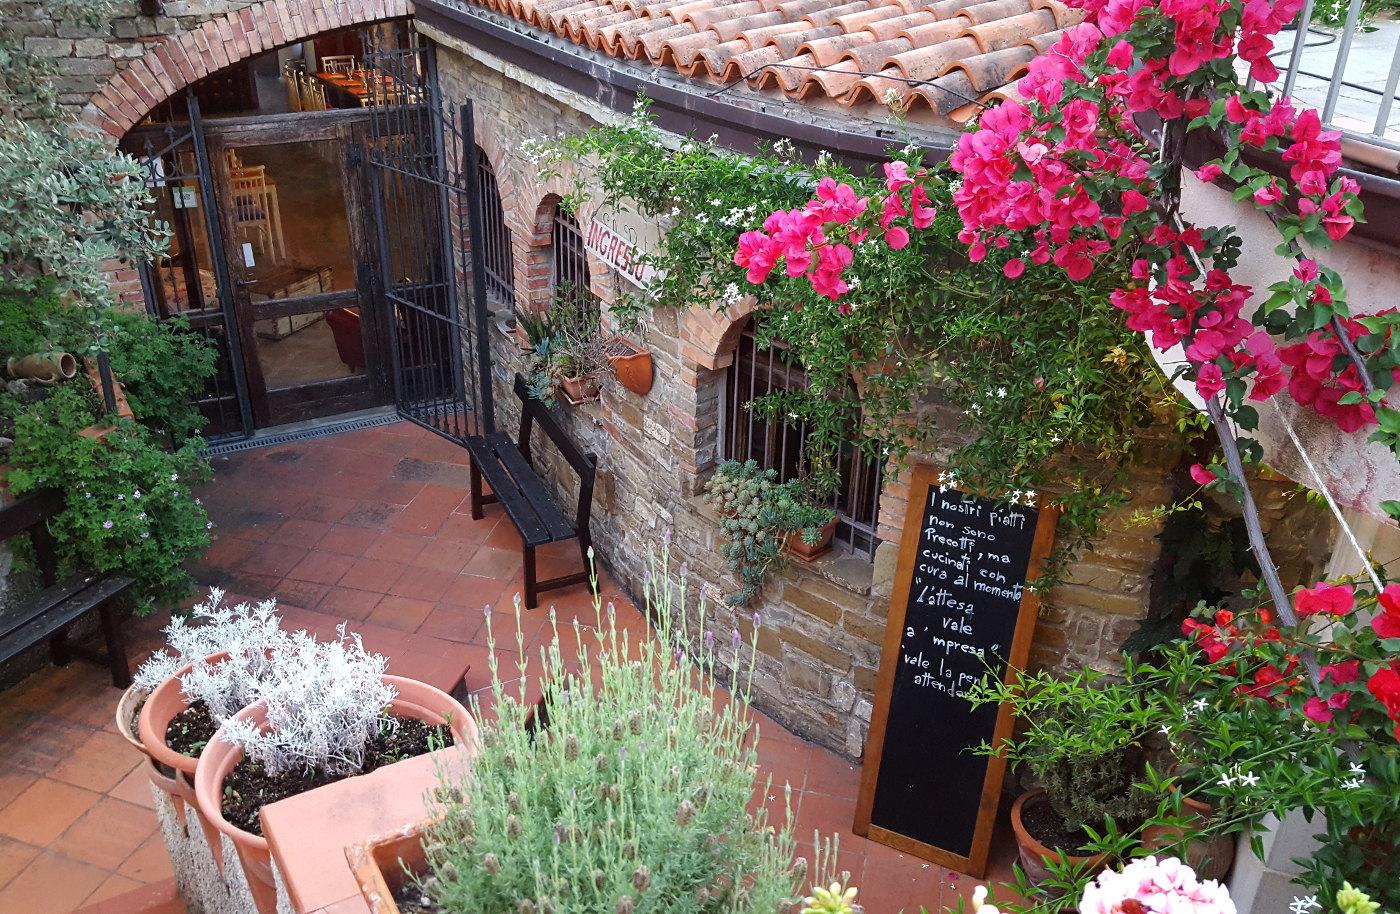 La Civetta Restaurant in Cilento